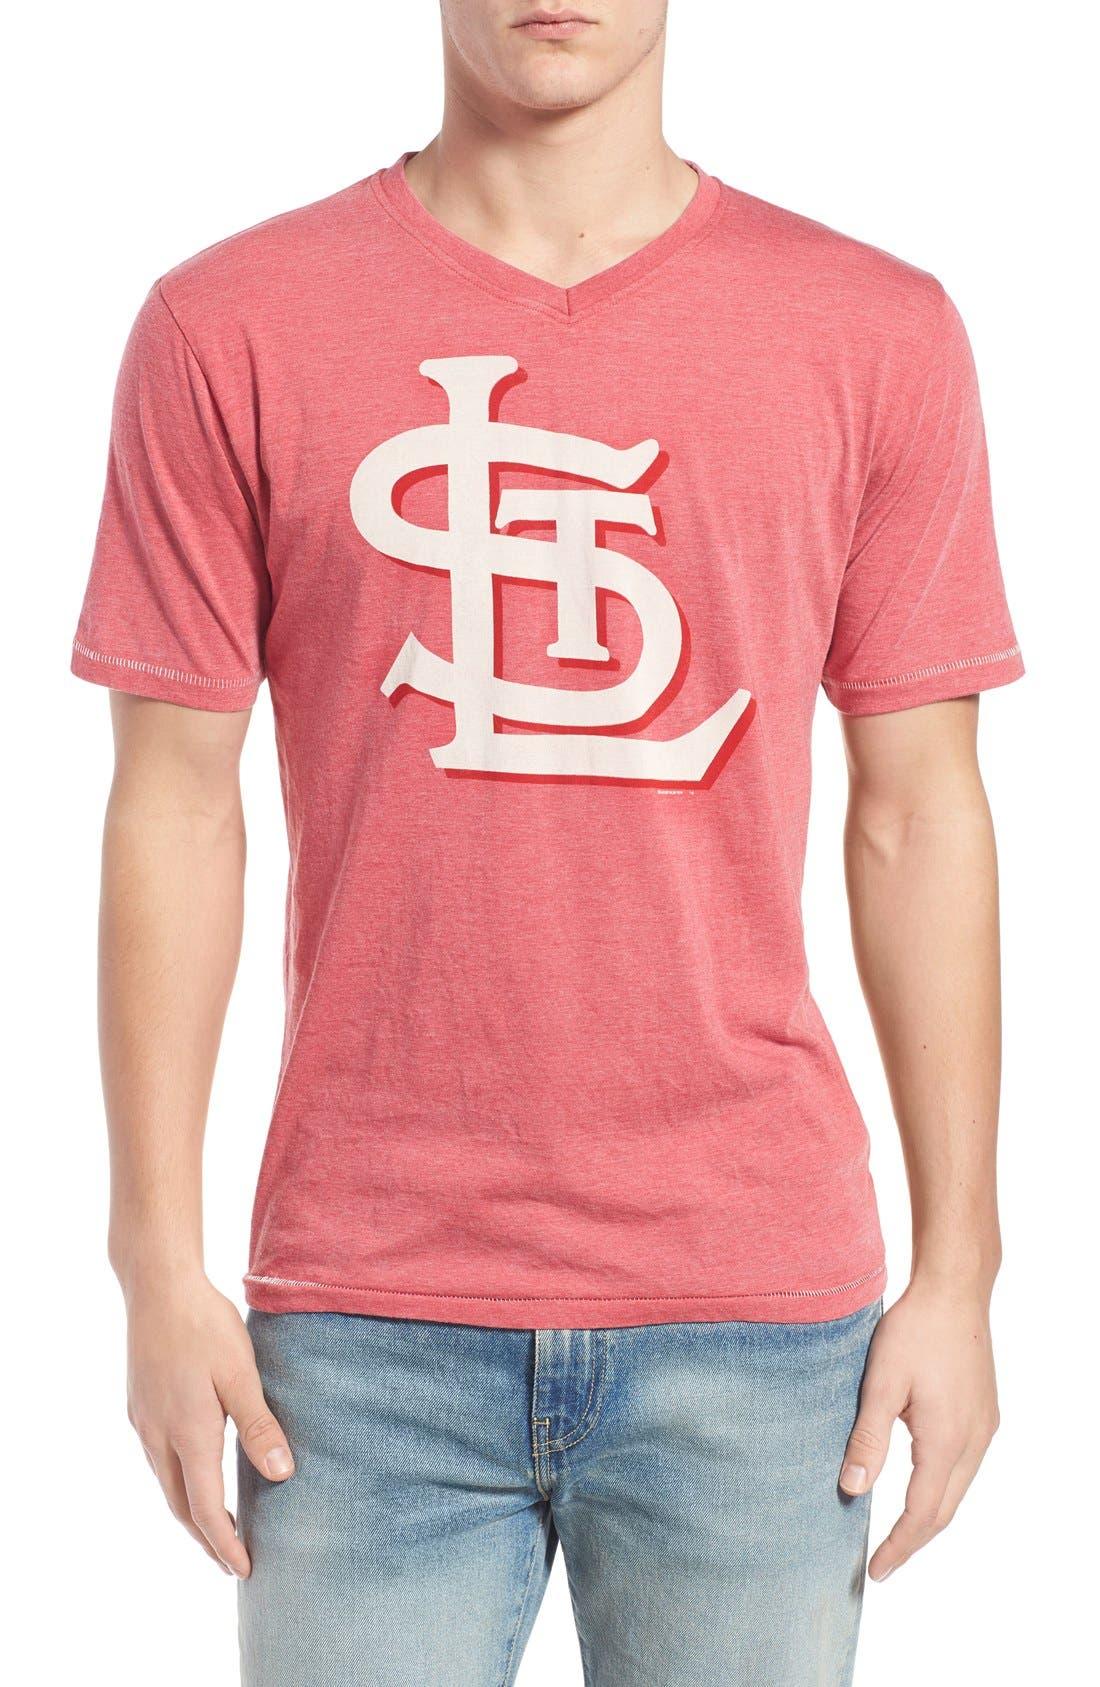 'Saint Louis Cardinals - Calumet' Graphic V-Neck T-Shirt,                             Main thumbnail 1, color,